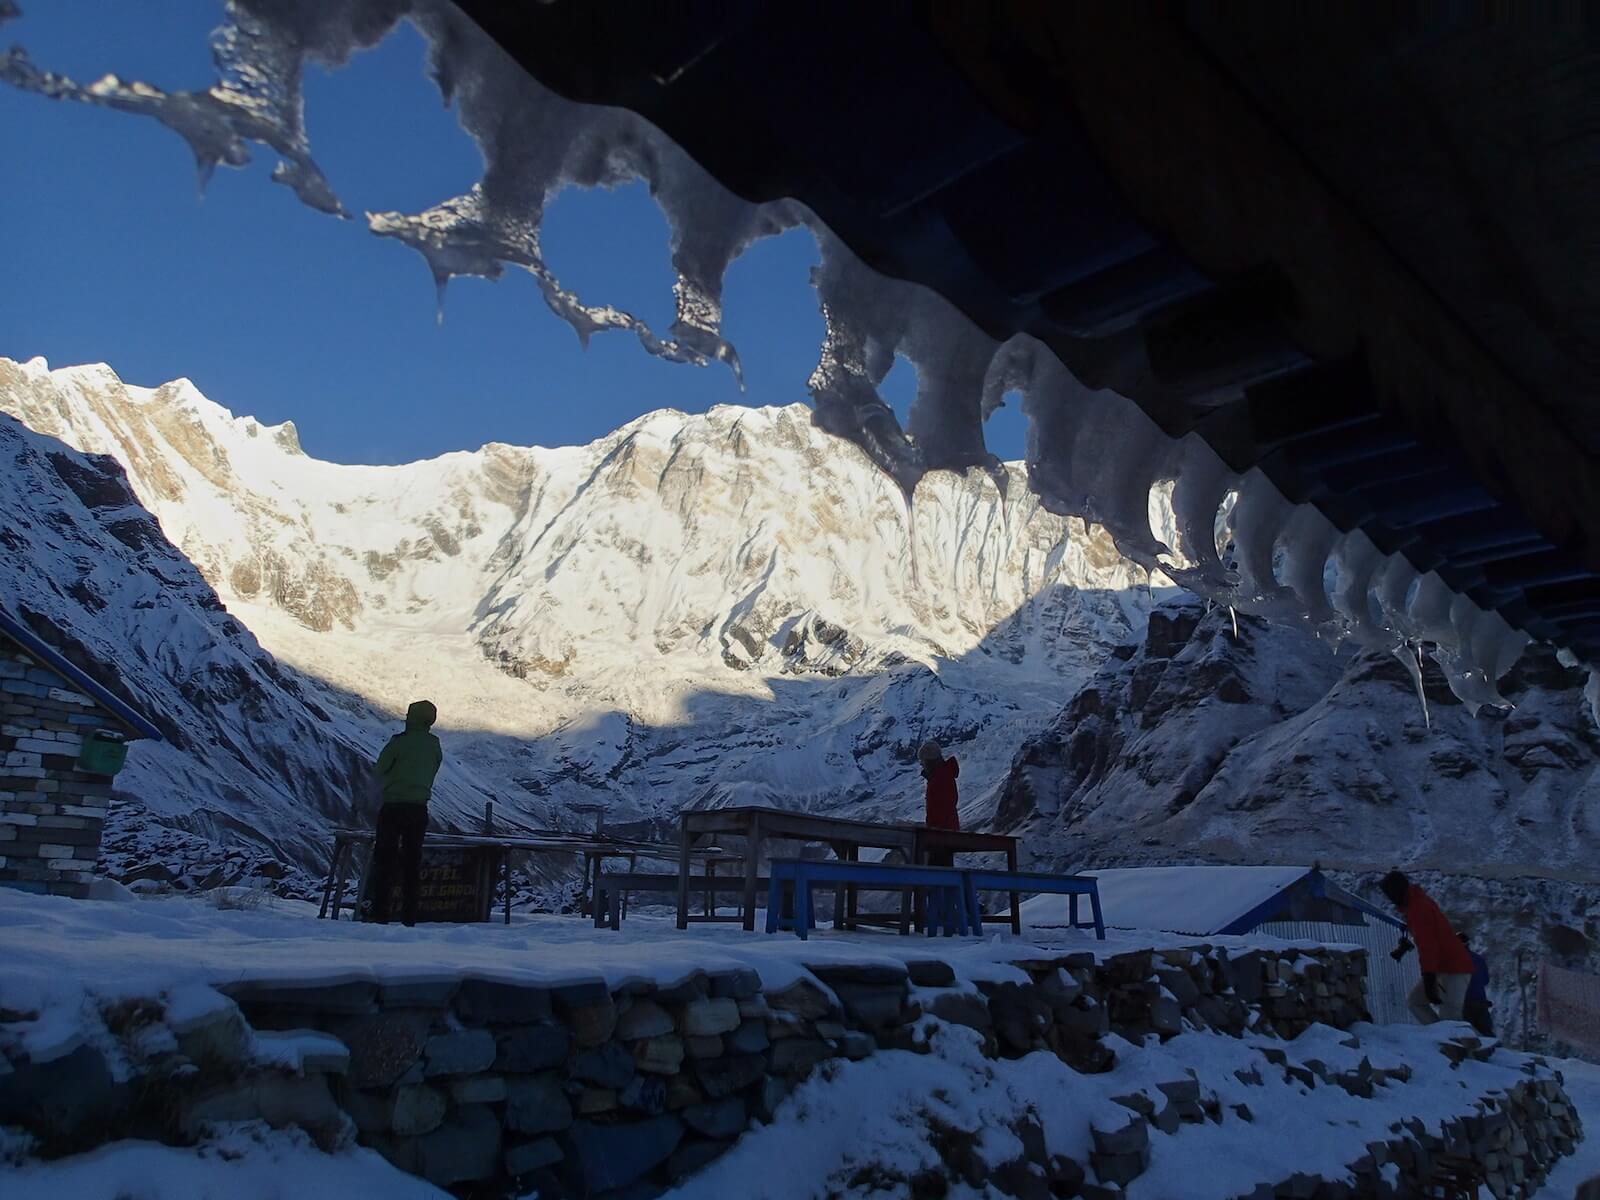 O poranku w Annapurna BC - fot. Jerzy Kostrzewa